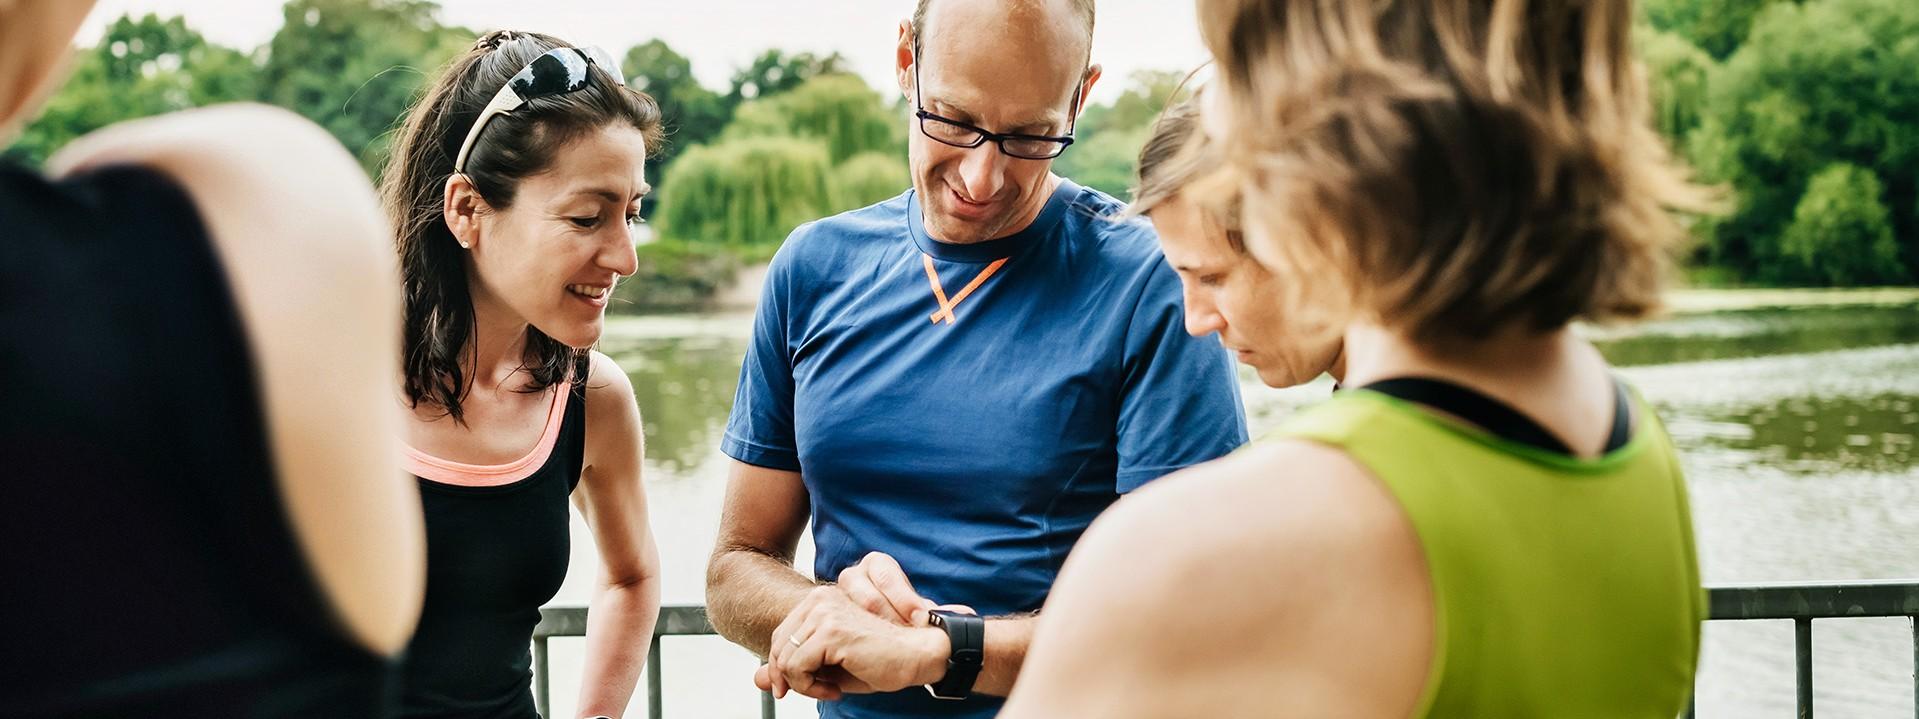 Läufer stehen in einer Gruppe zusammen und schauen auf Uhr